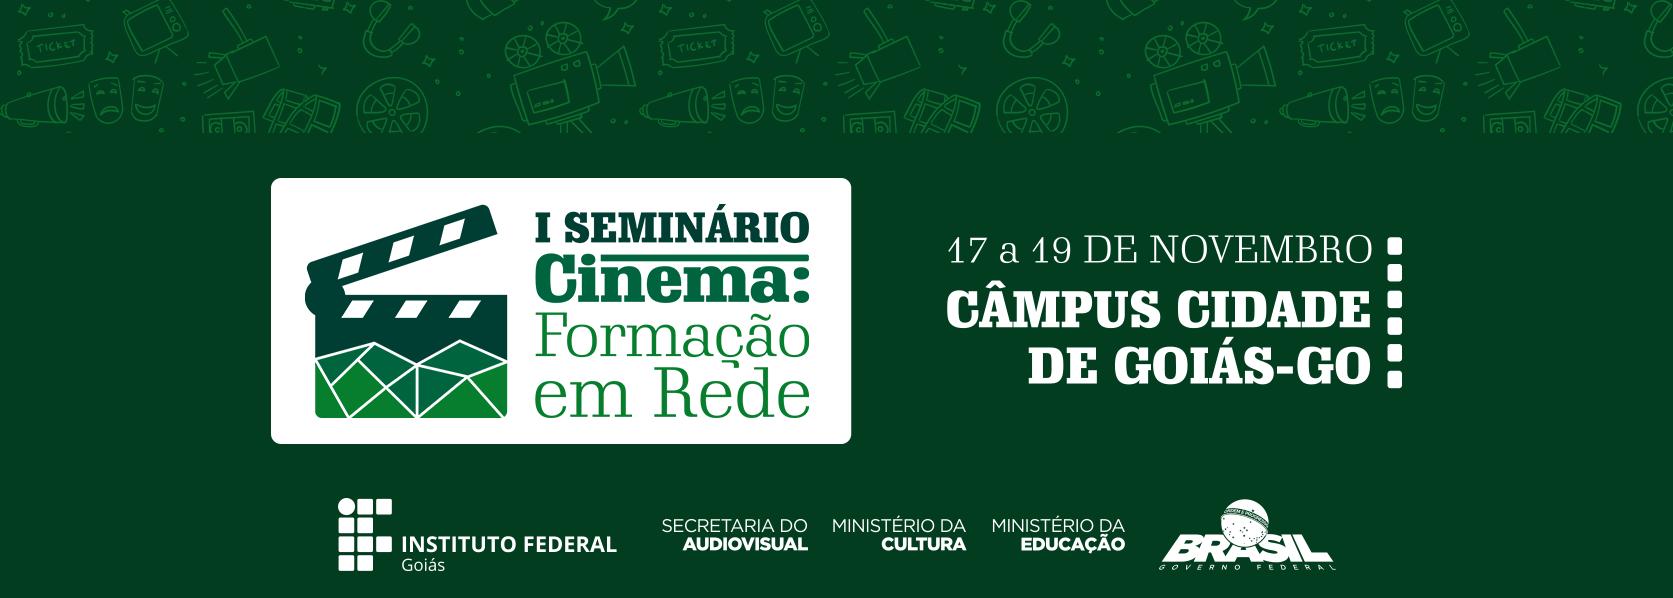 """I Seminário """"Cinema: Formação em Rede"""""""